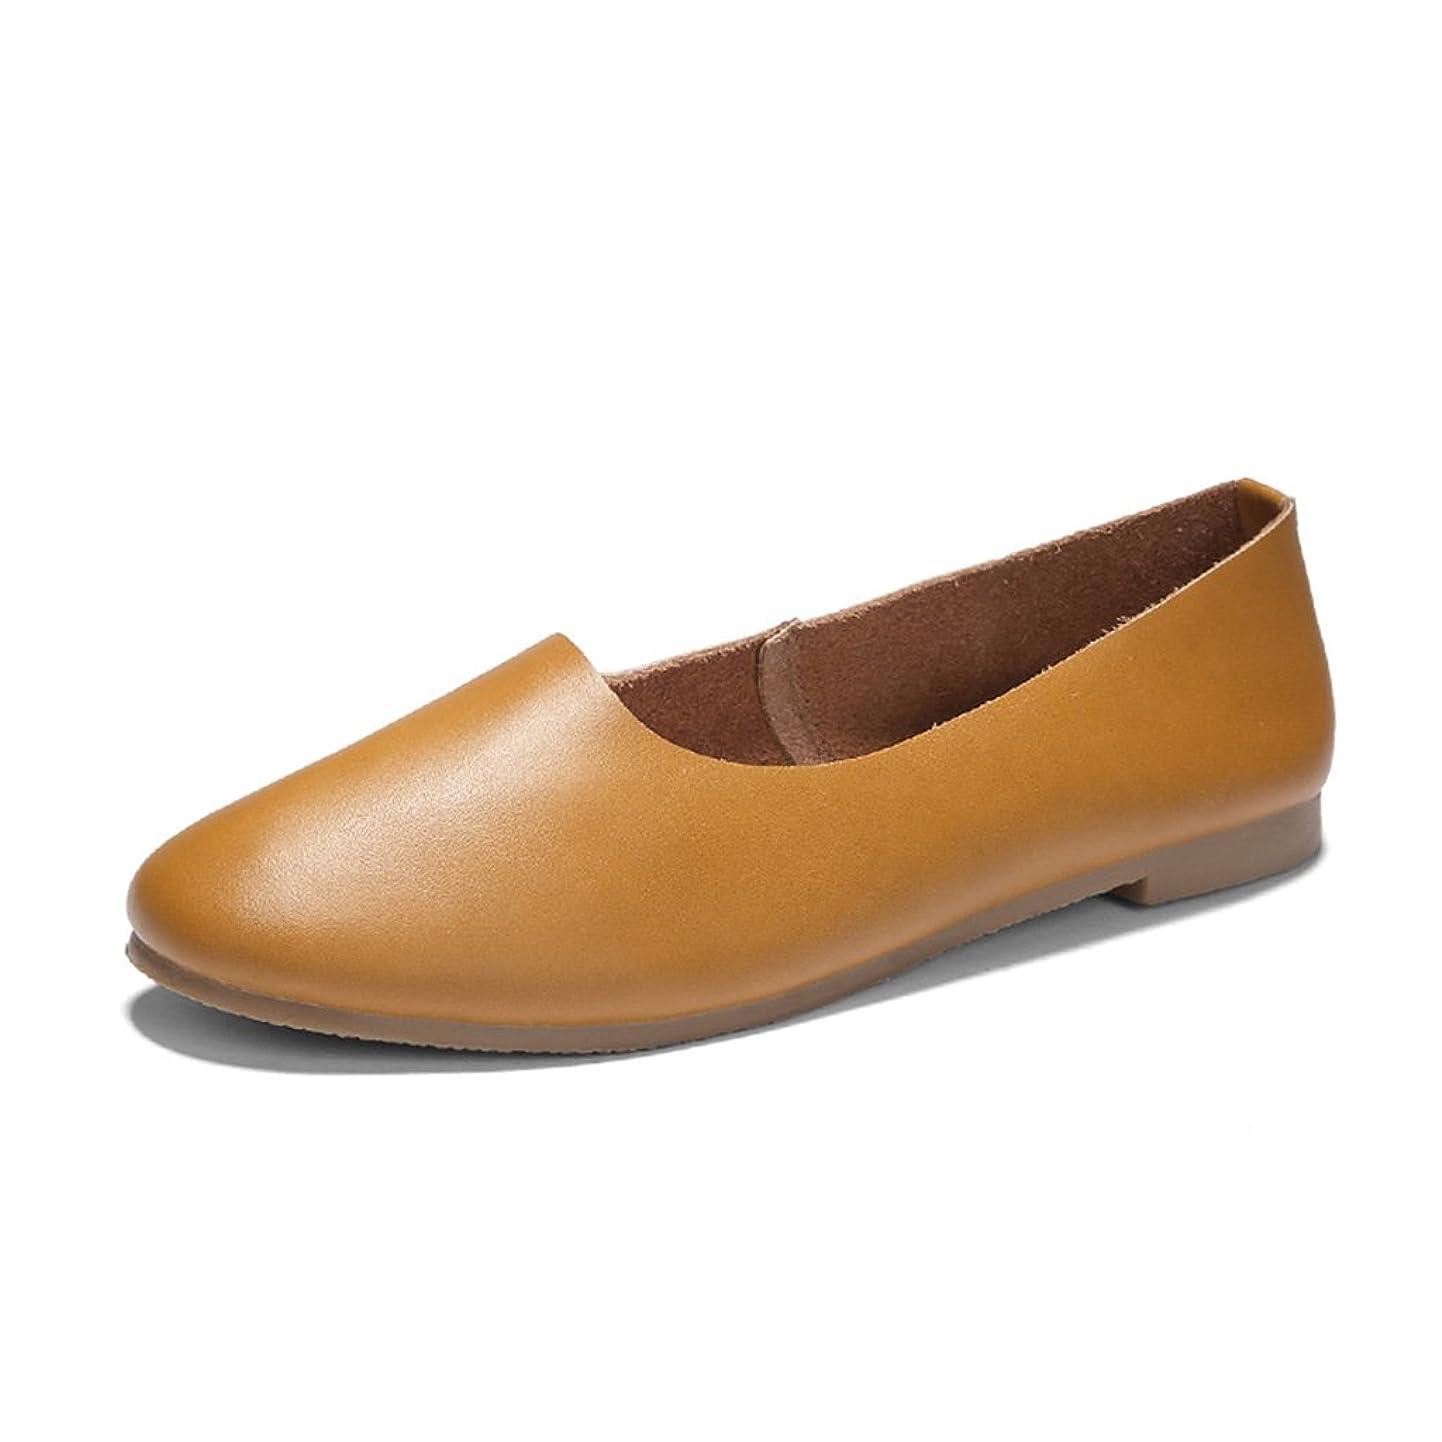 驚くばかり噂時折HWF レディースシューズ 浅い口シングルシューズスプリングフラットシューズレトロレディースシューズ芸術ラウンドおばあちゃんの靴 ( 色 : アースイエロー , サイズ さいず : 36 )